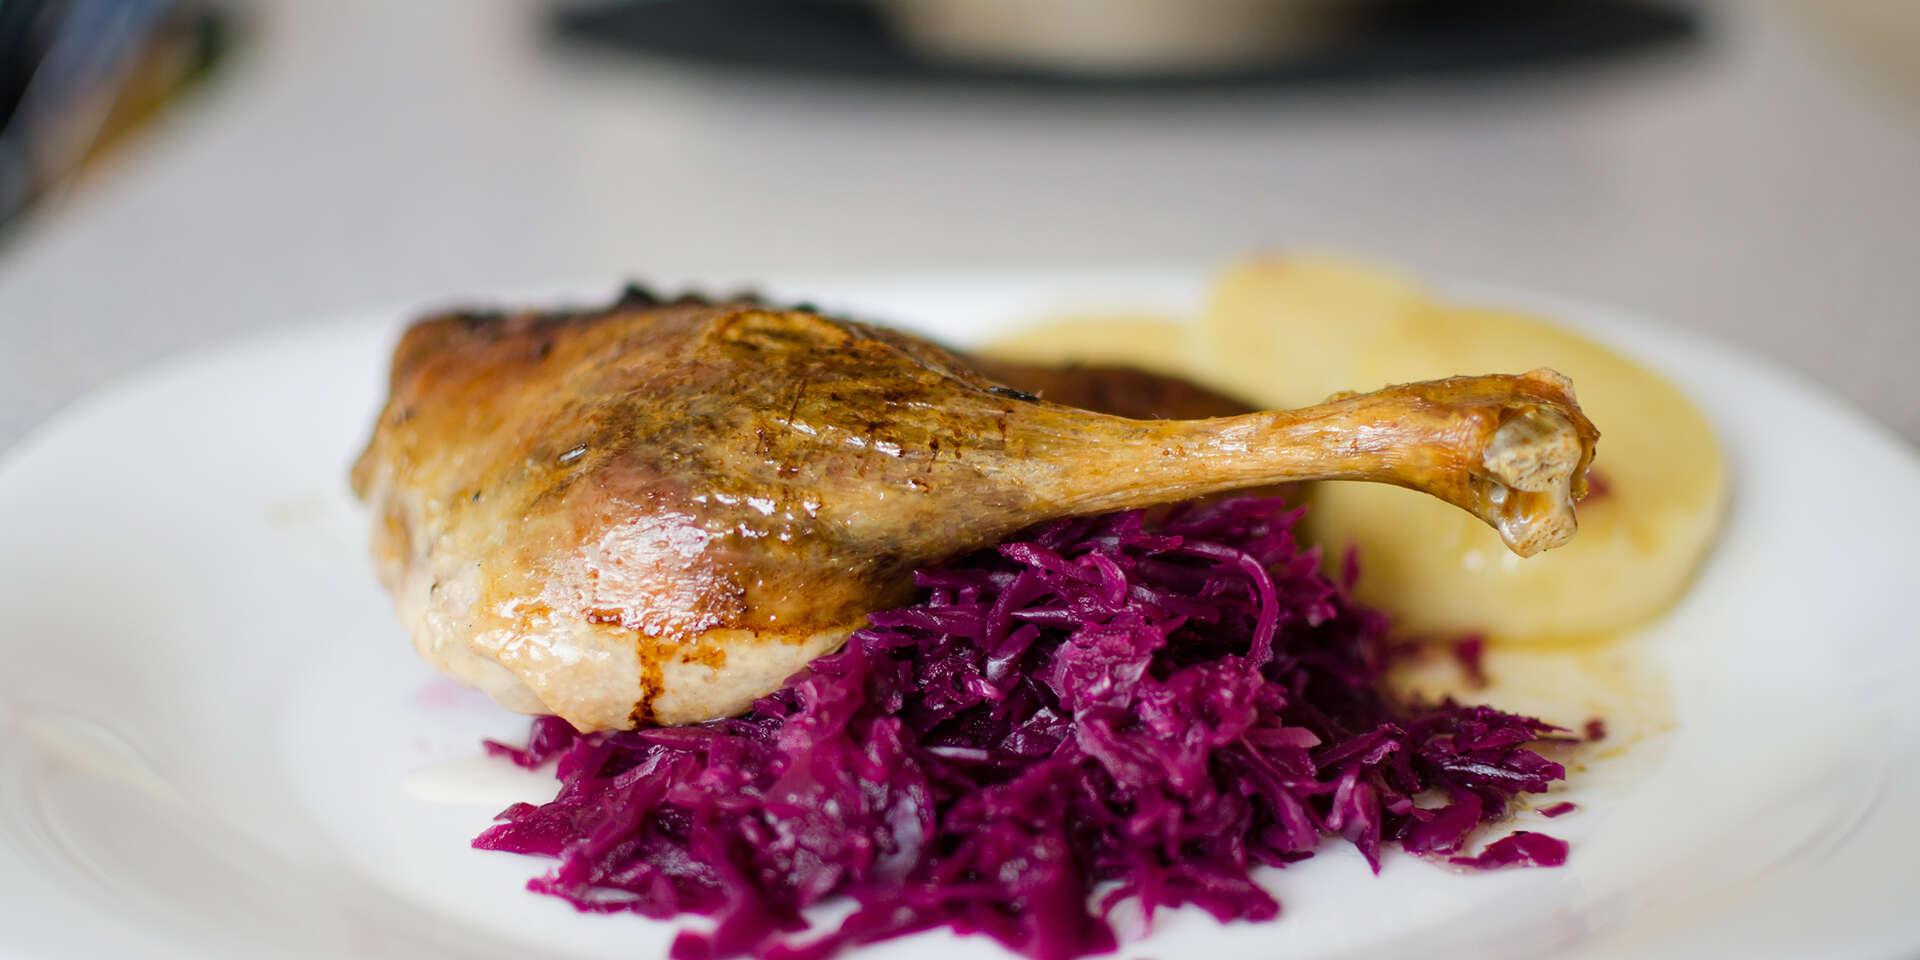 Kačacinka a víno pre 2 osoby v rodinnej reštaurácii Zlatá Lipa II, aj s rozvozom domov